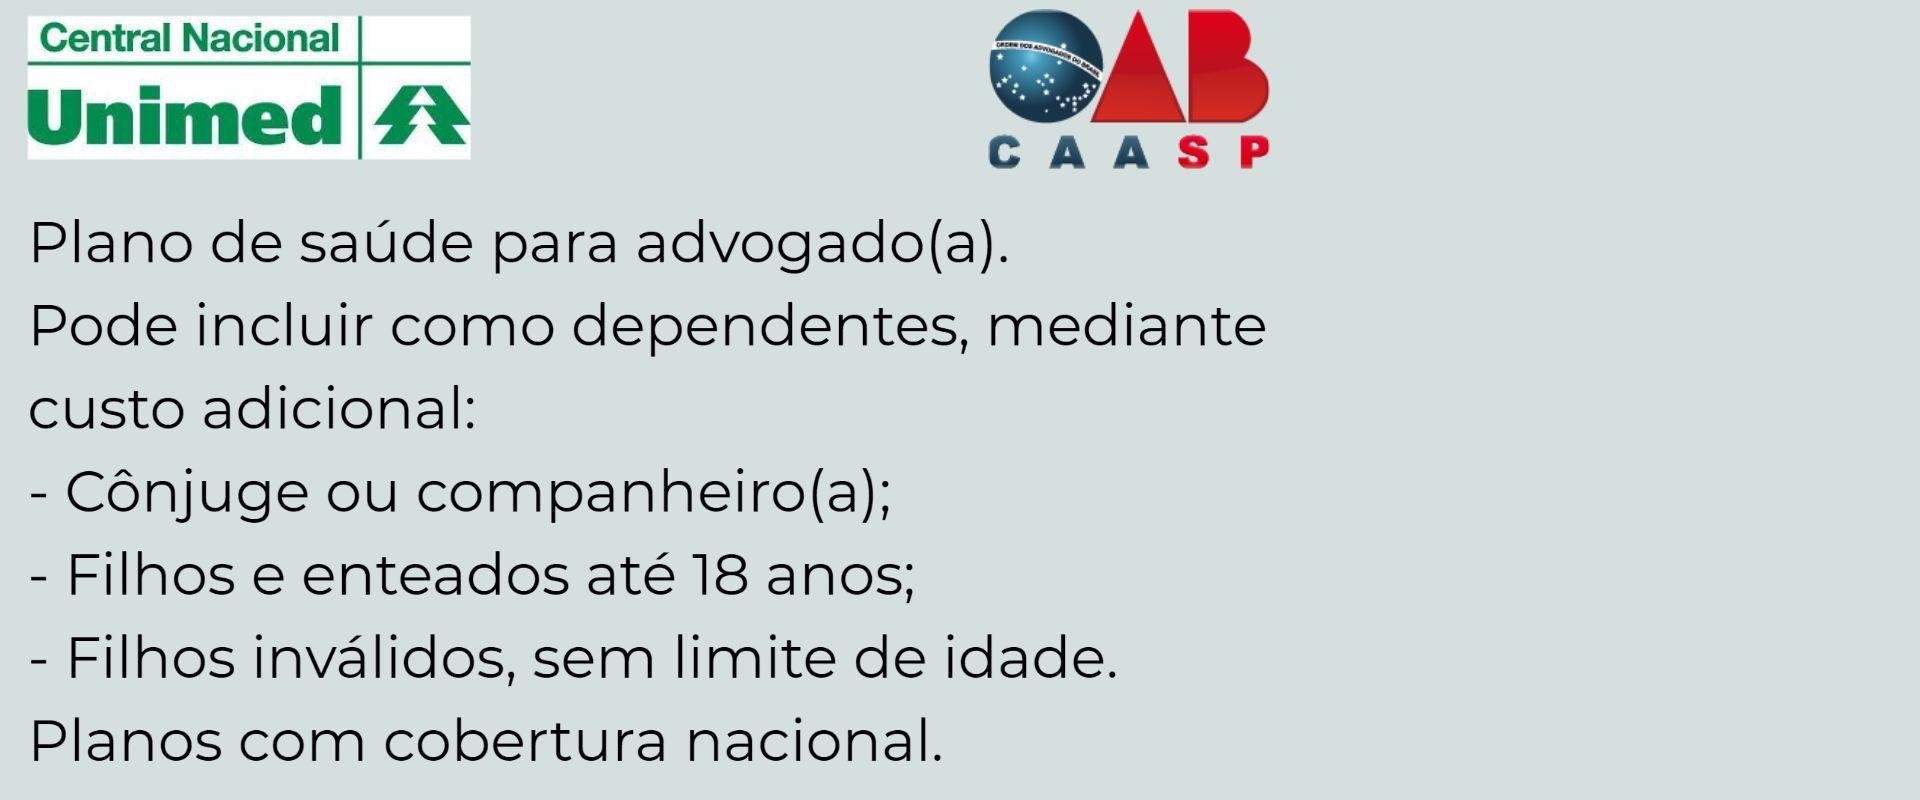 Unimed CAASP Santana de Parnaíba